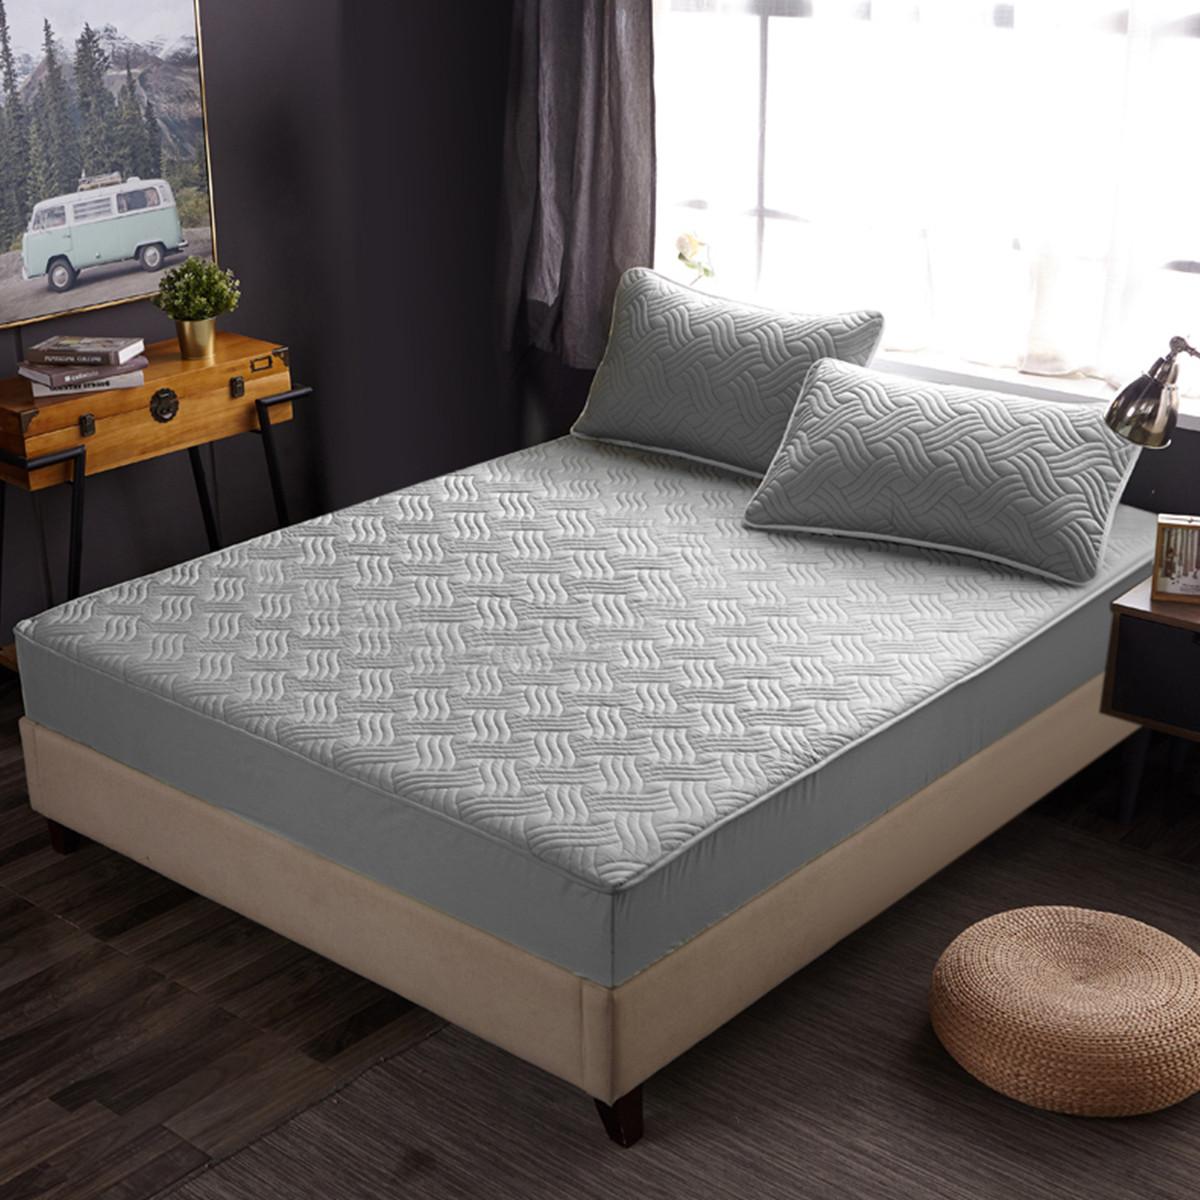 Ramada全棉可拆卸夹棉席梦思保护罩全棉床垫套床罩床褥褥子床笠薄床垫COLOR灰色